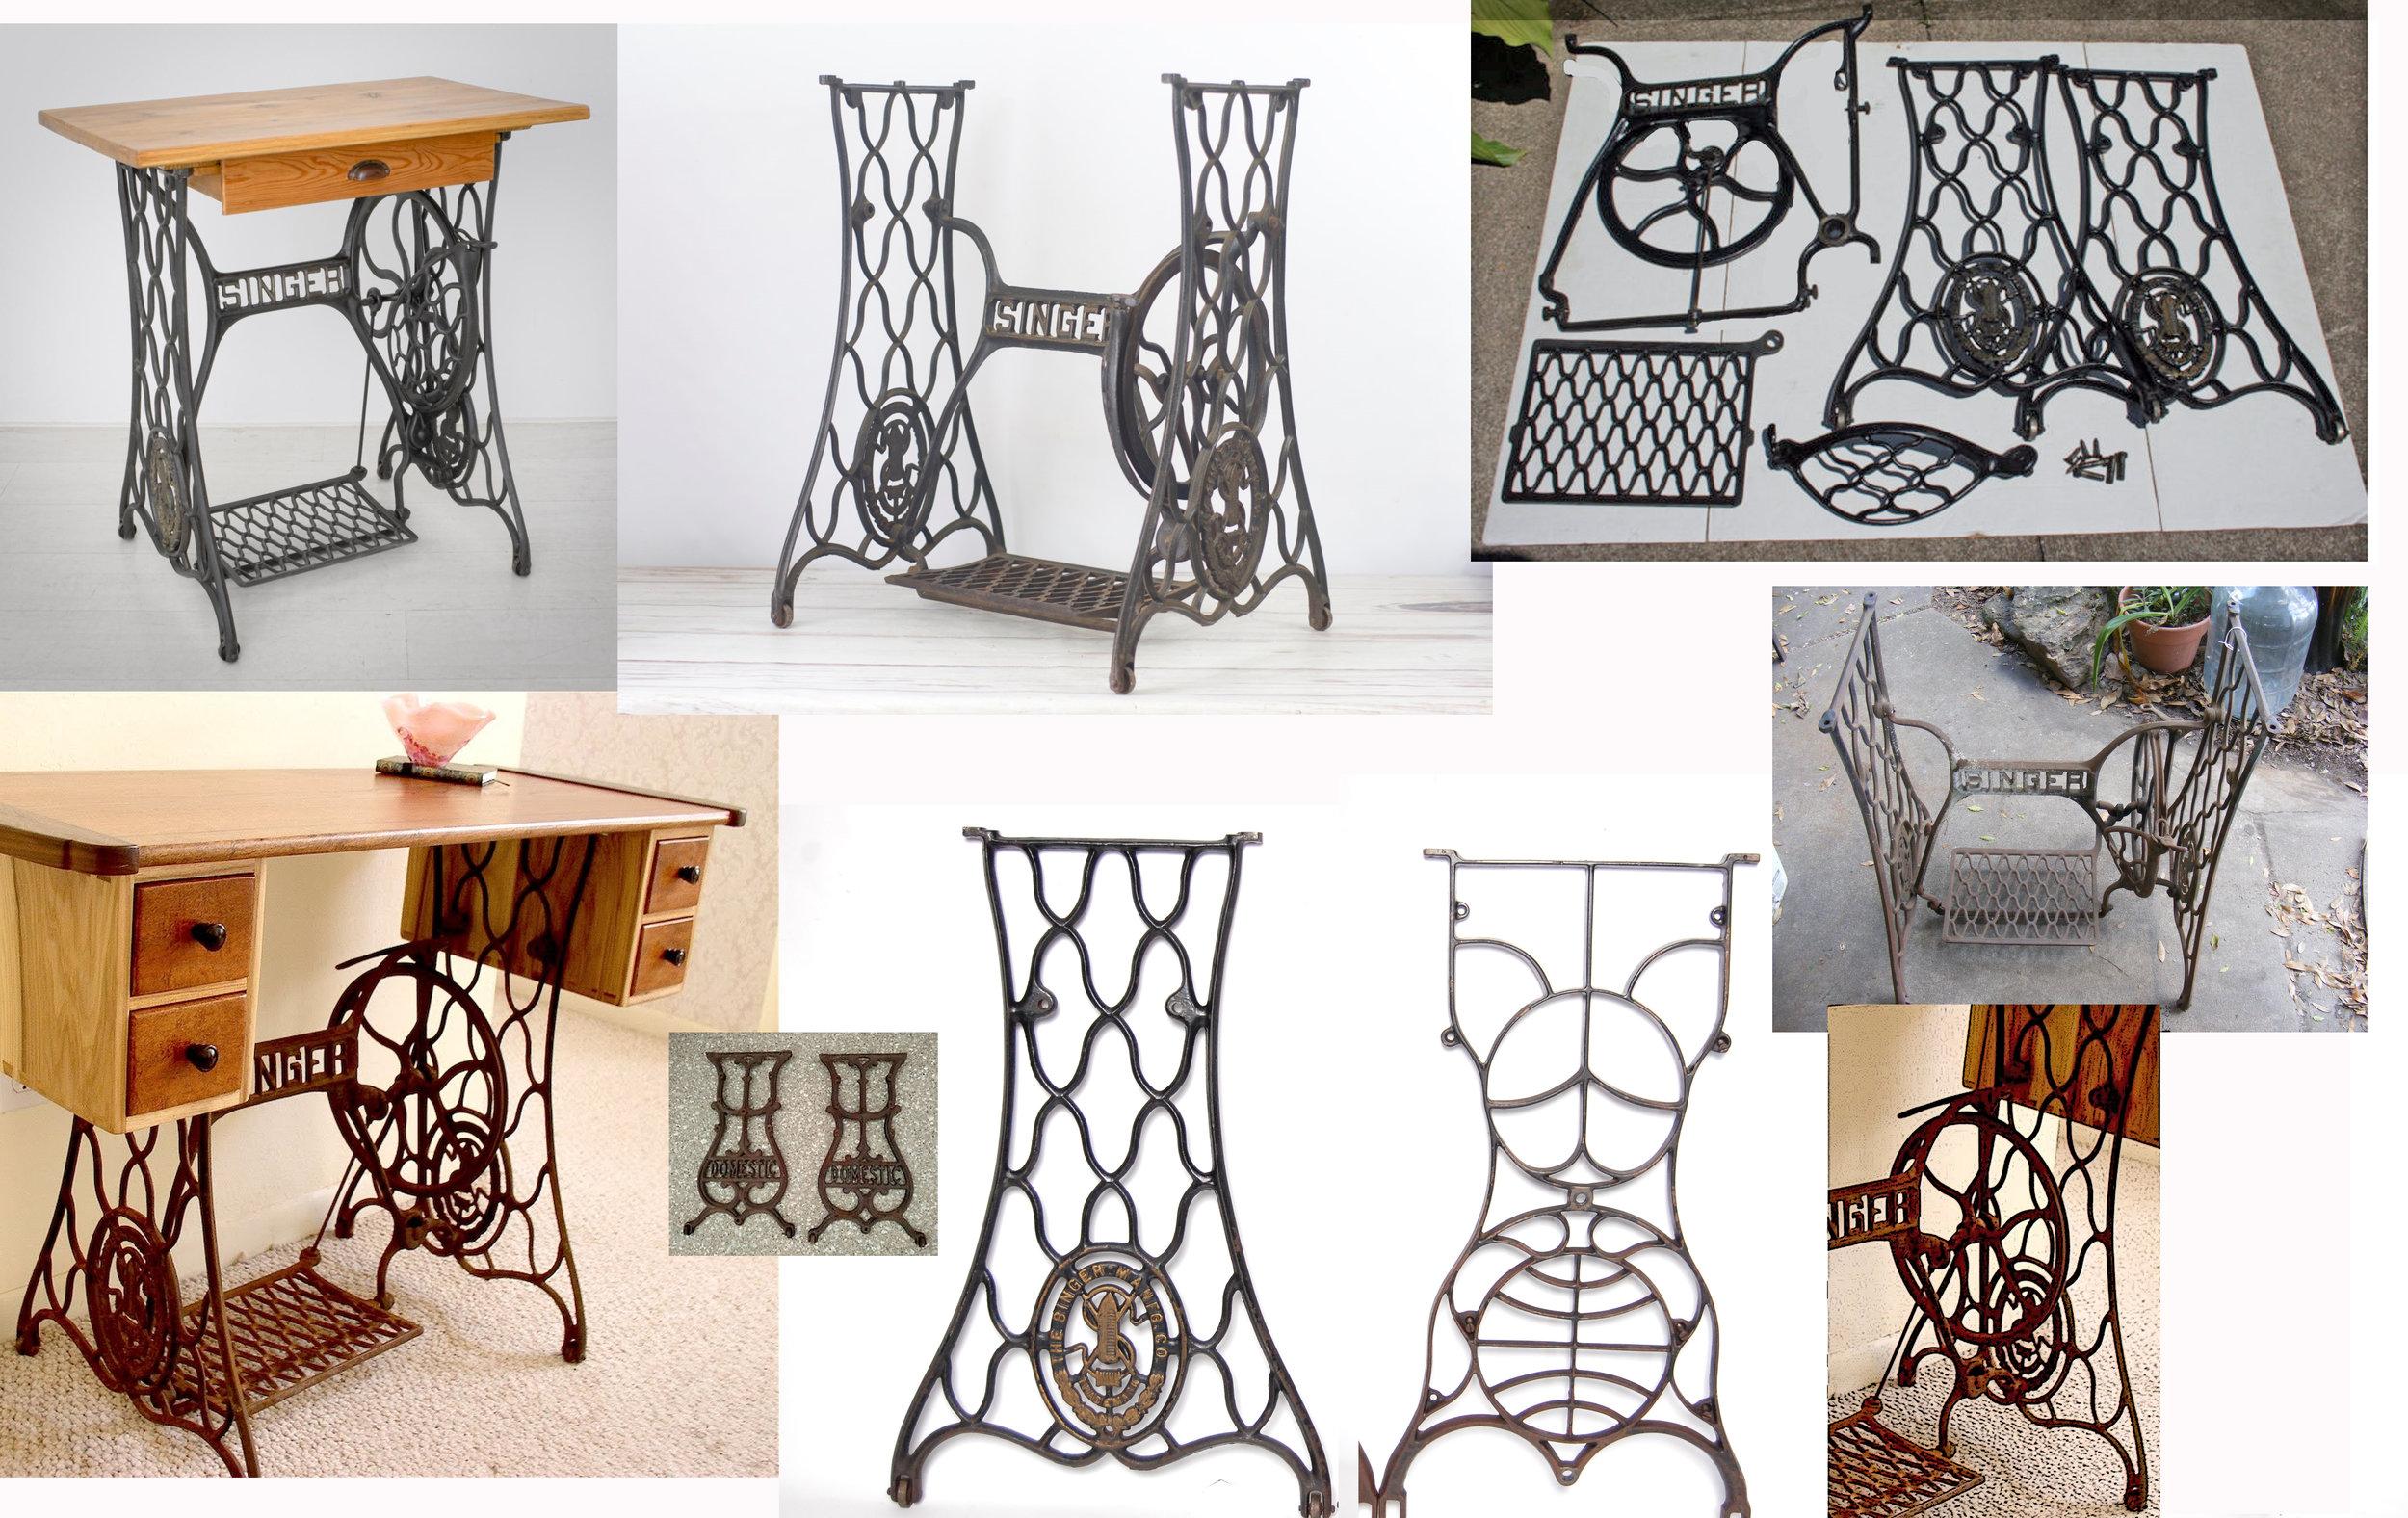 sewing machine legs.jpg